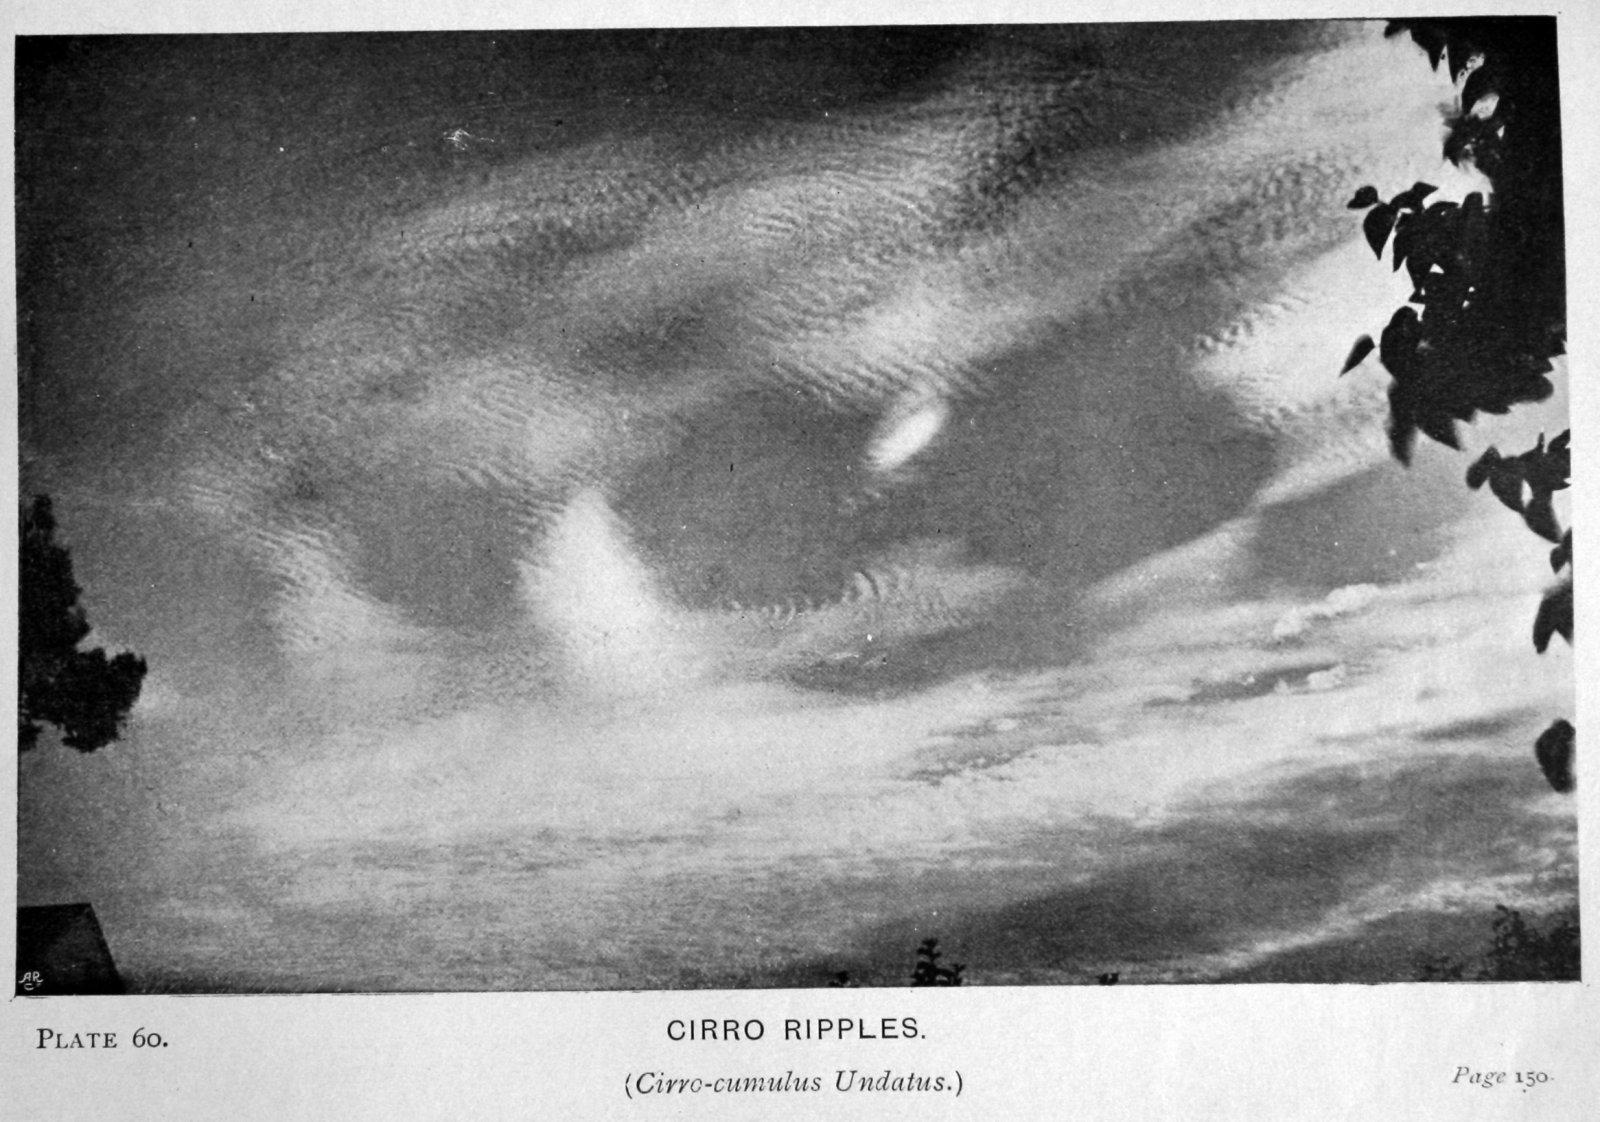 60 Cirro Ripples (Cirro-cumulus Undatus).JPG